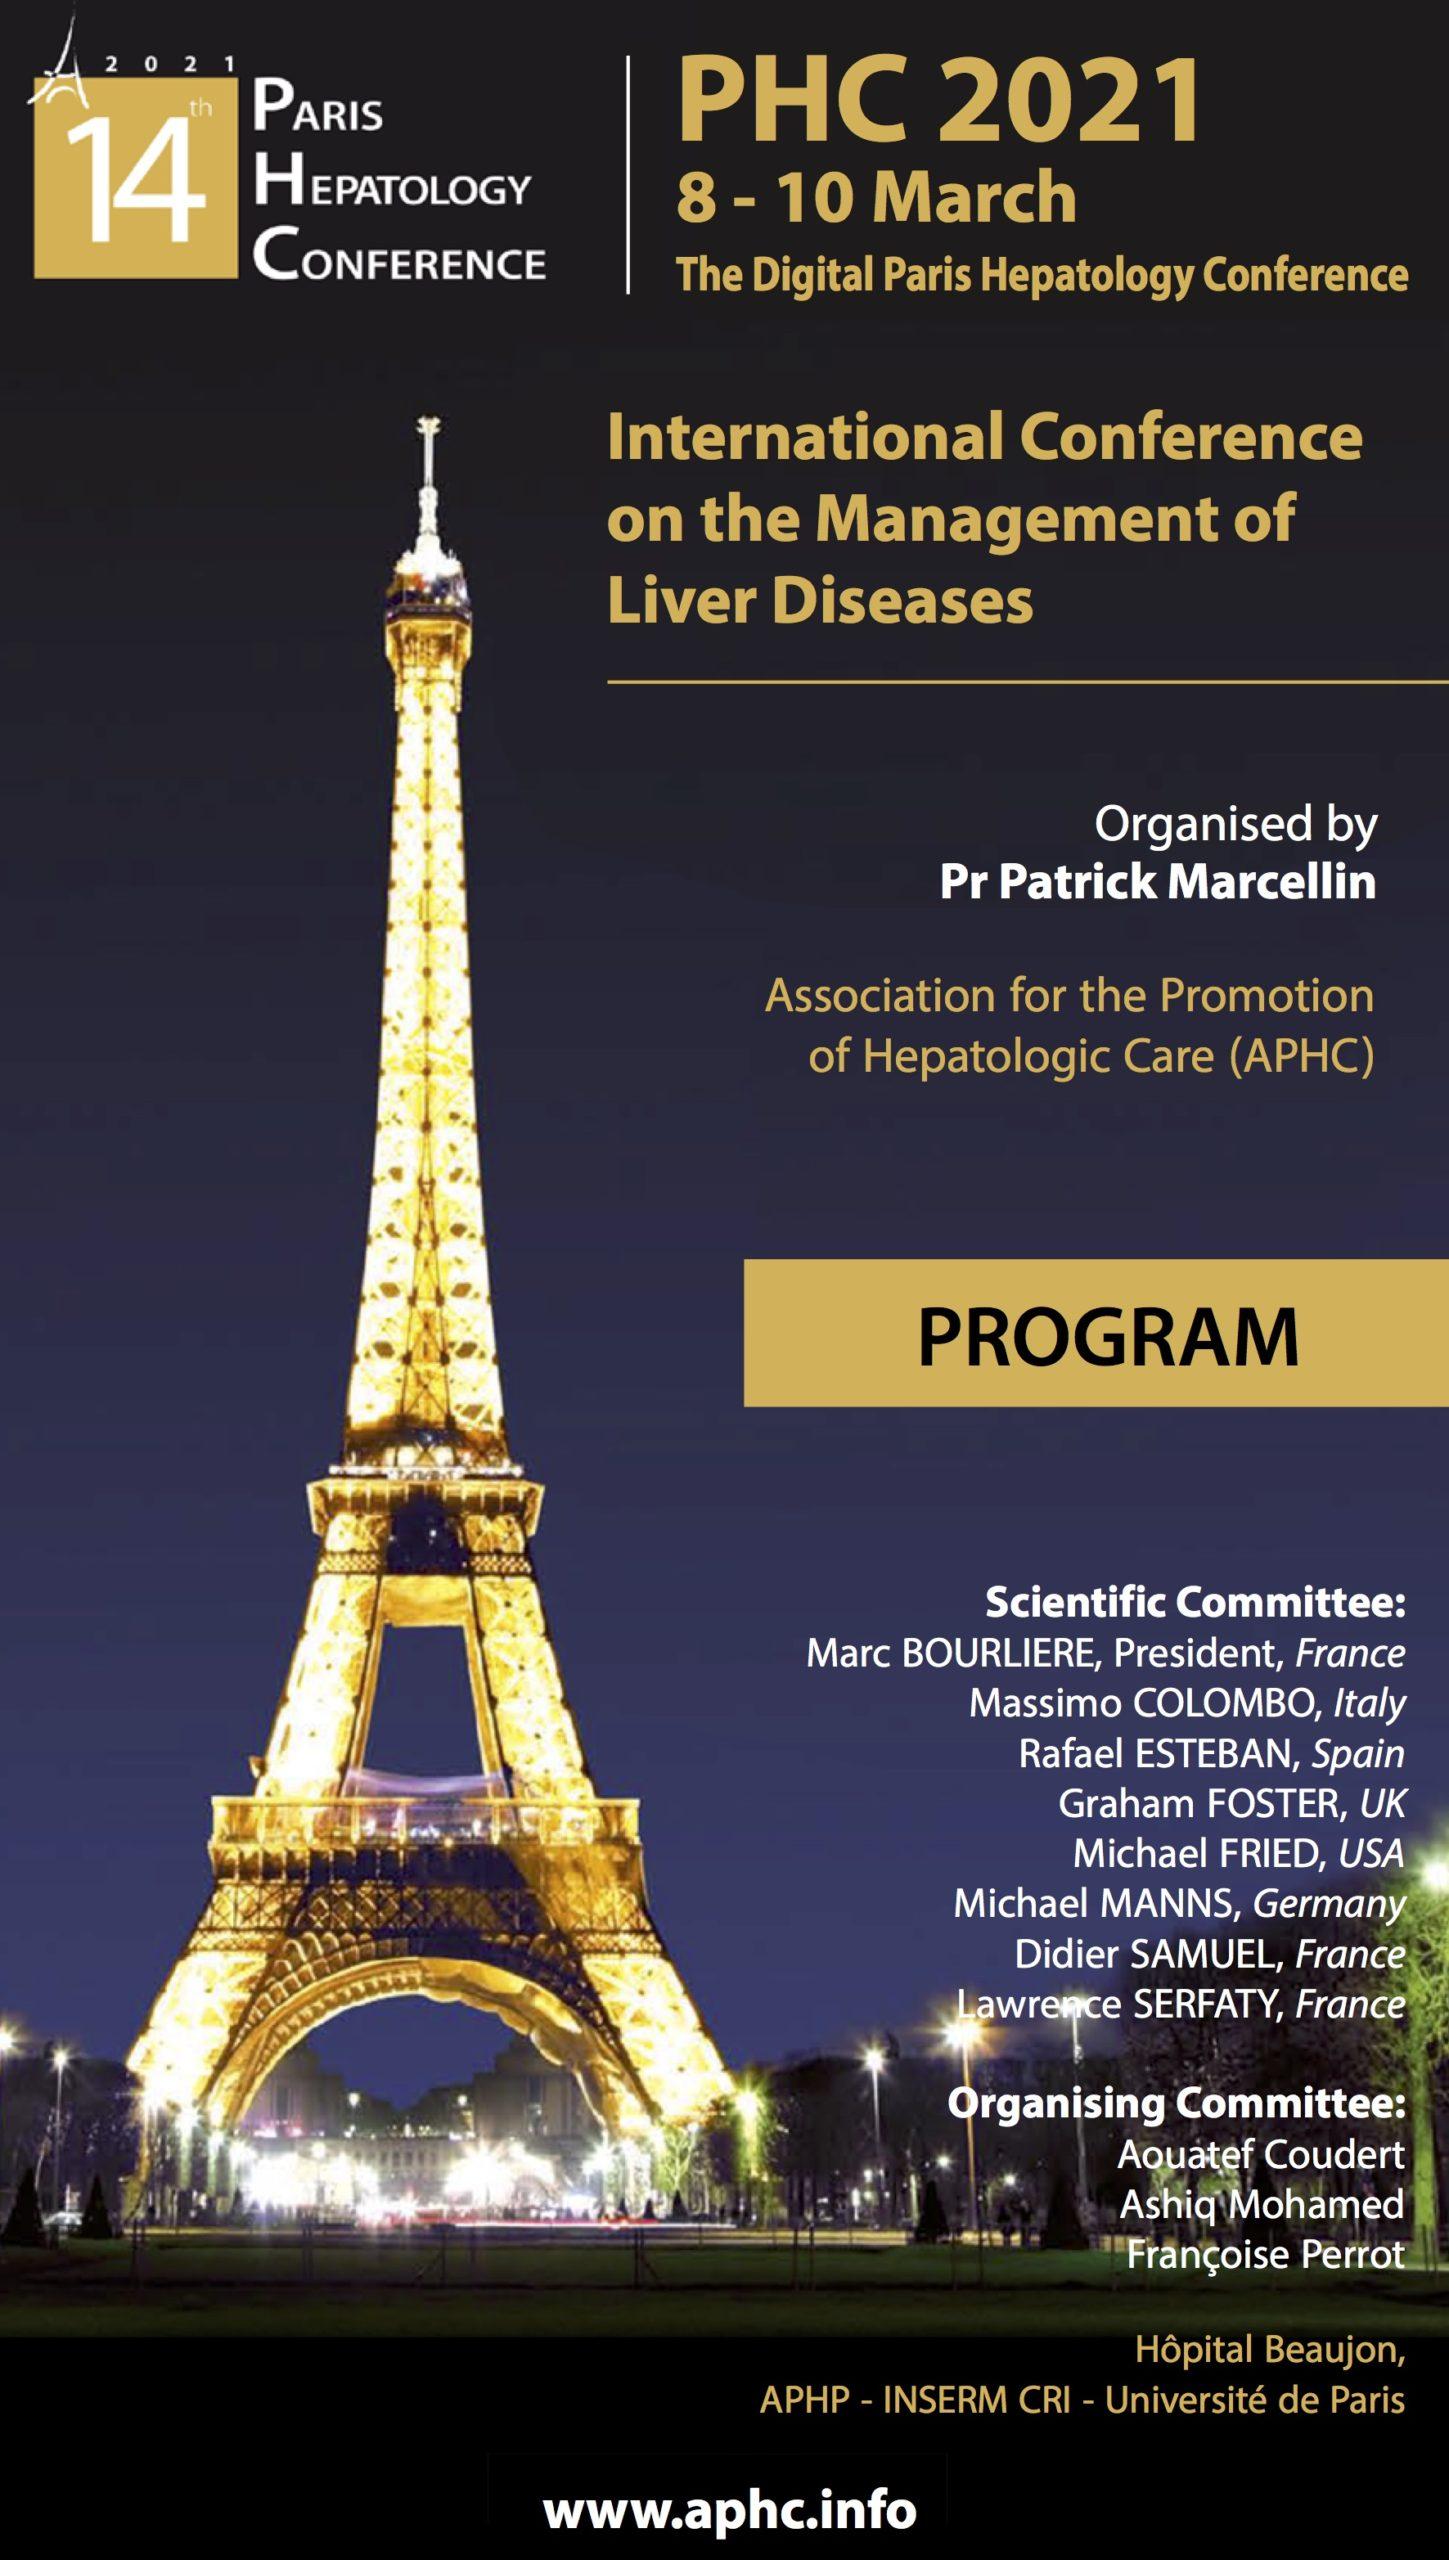 Simpòsium sobre l'Hepatitis B durant el Congrés Paris Hepatology Meeting, que va tenir lloc online del 8 al 10 de març